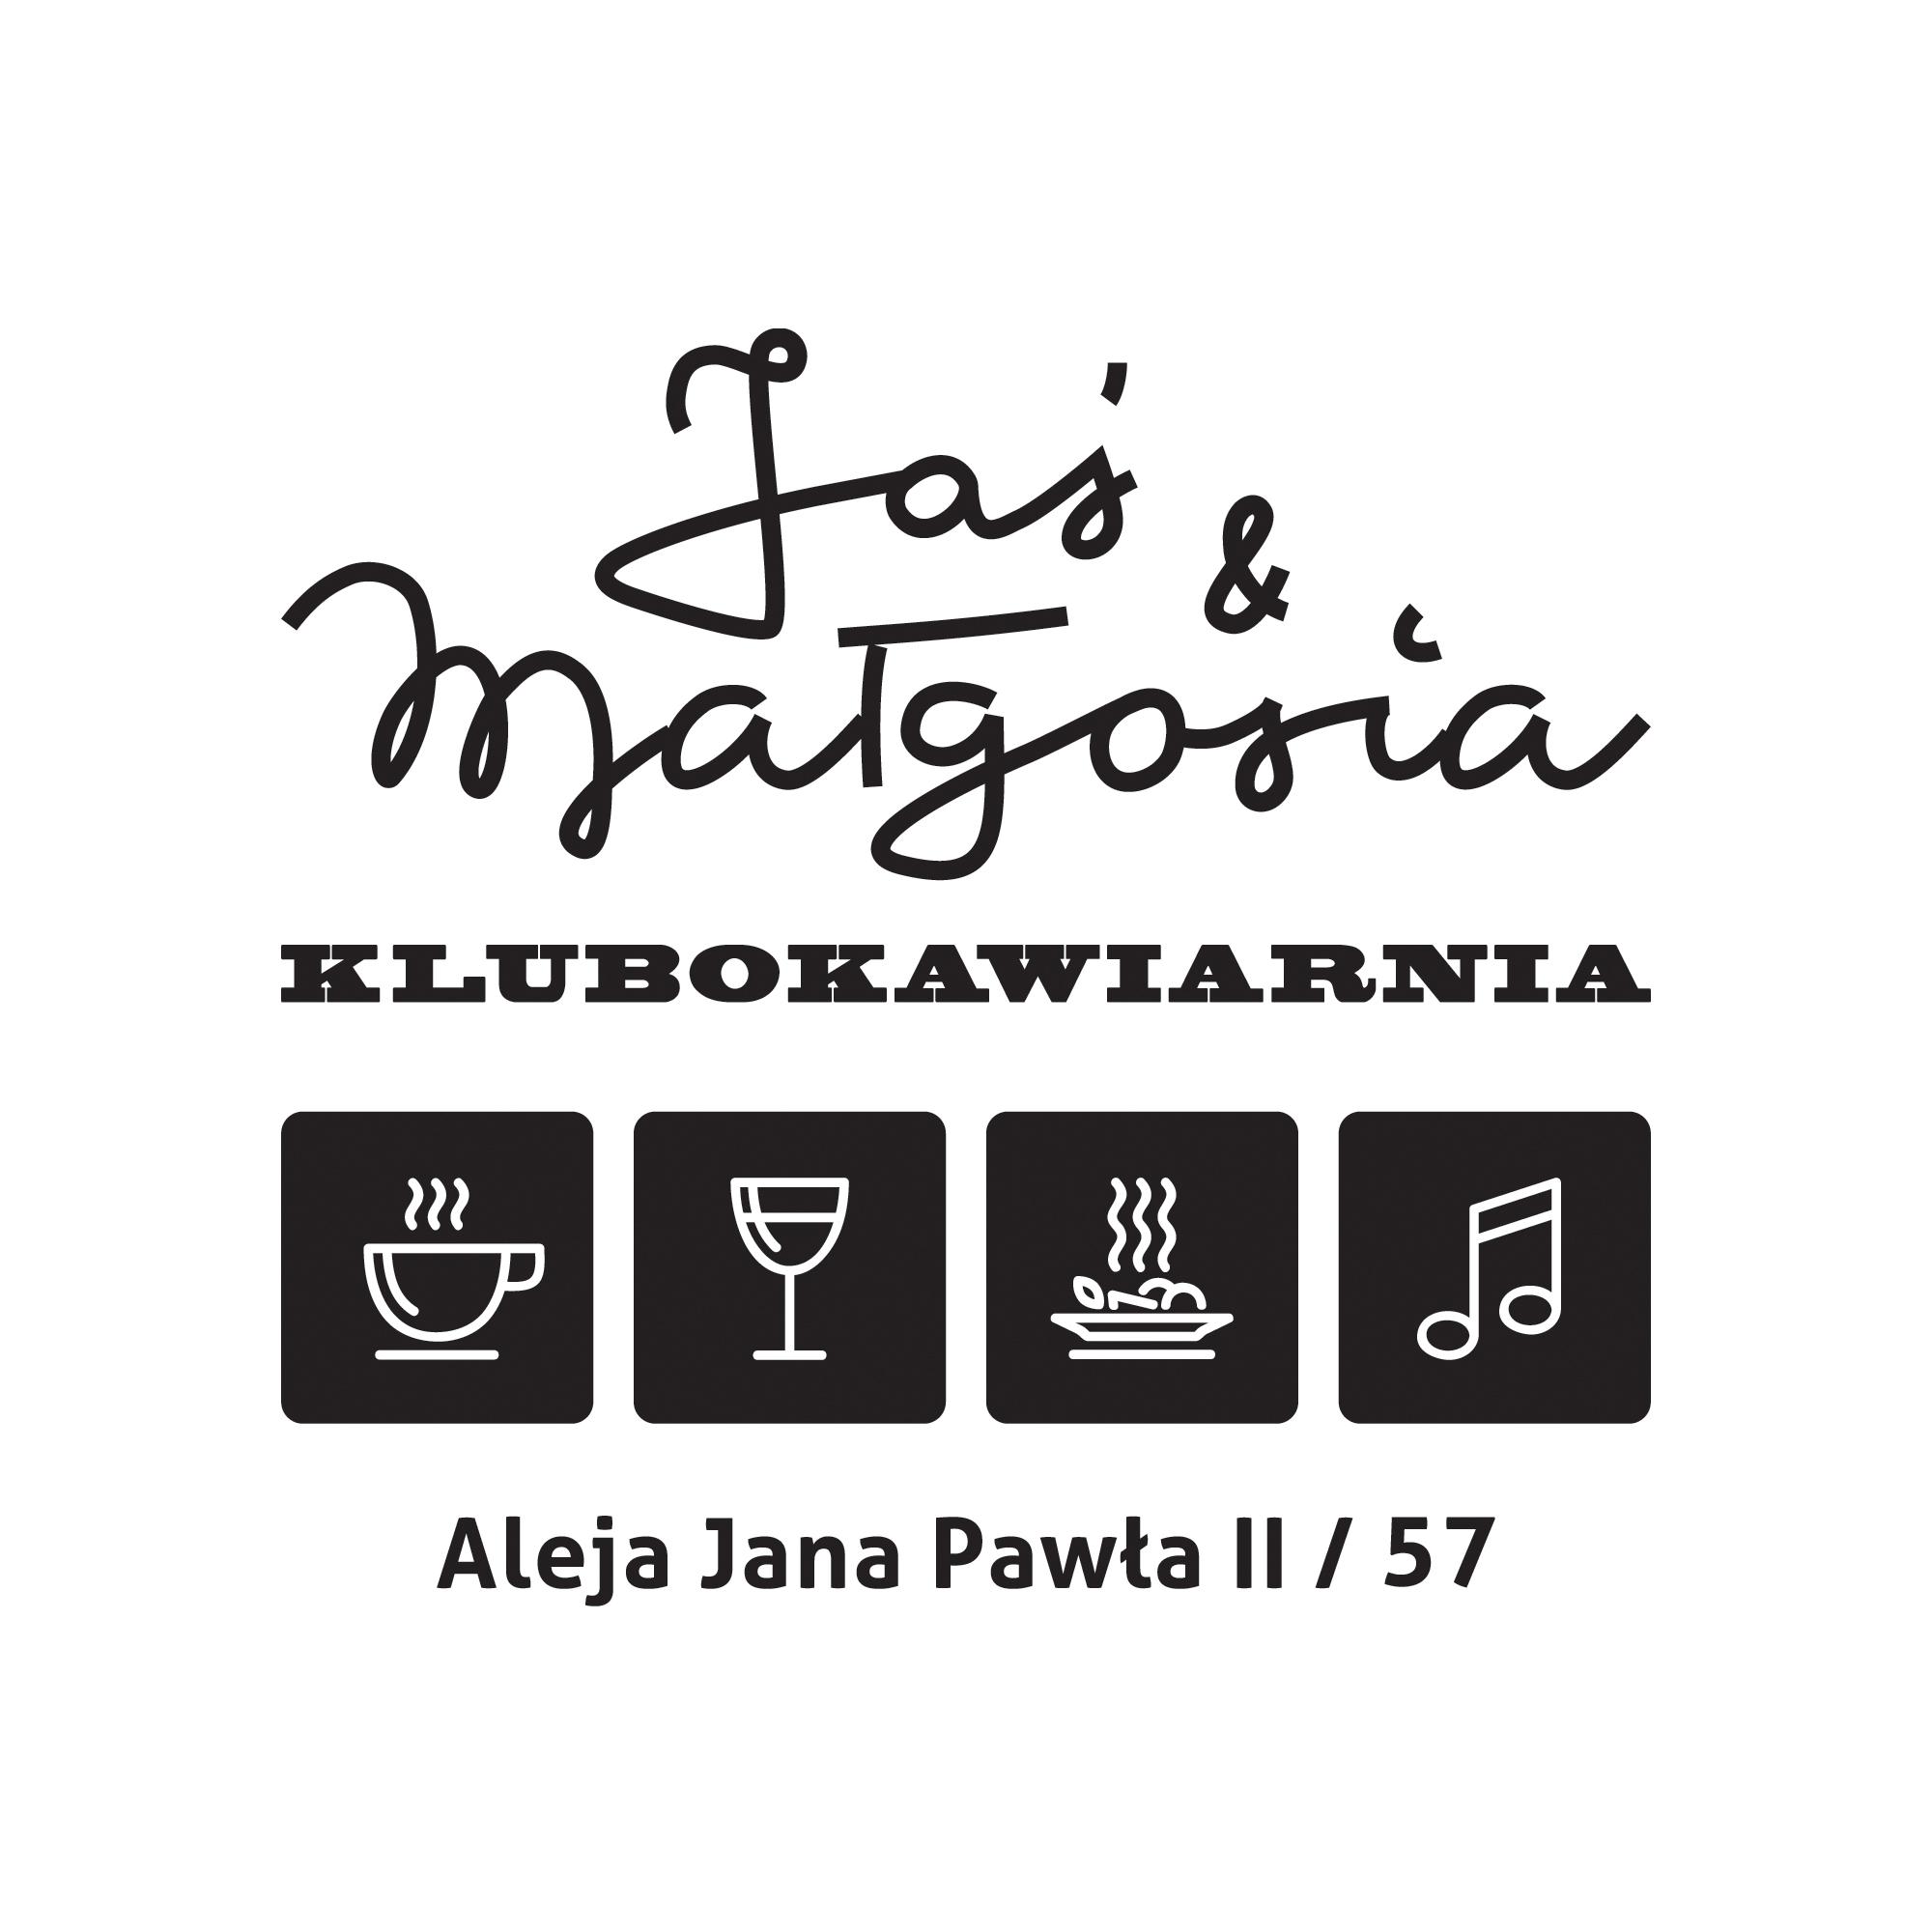 Klubokawiarnia Jaś & Małgosia